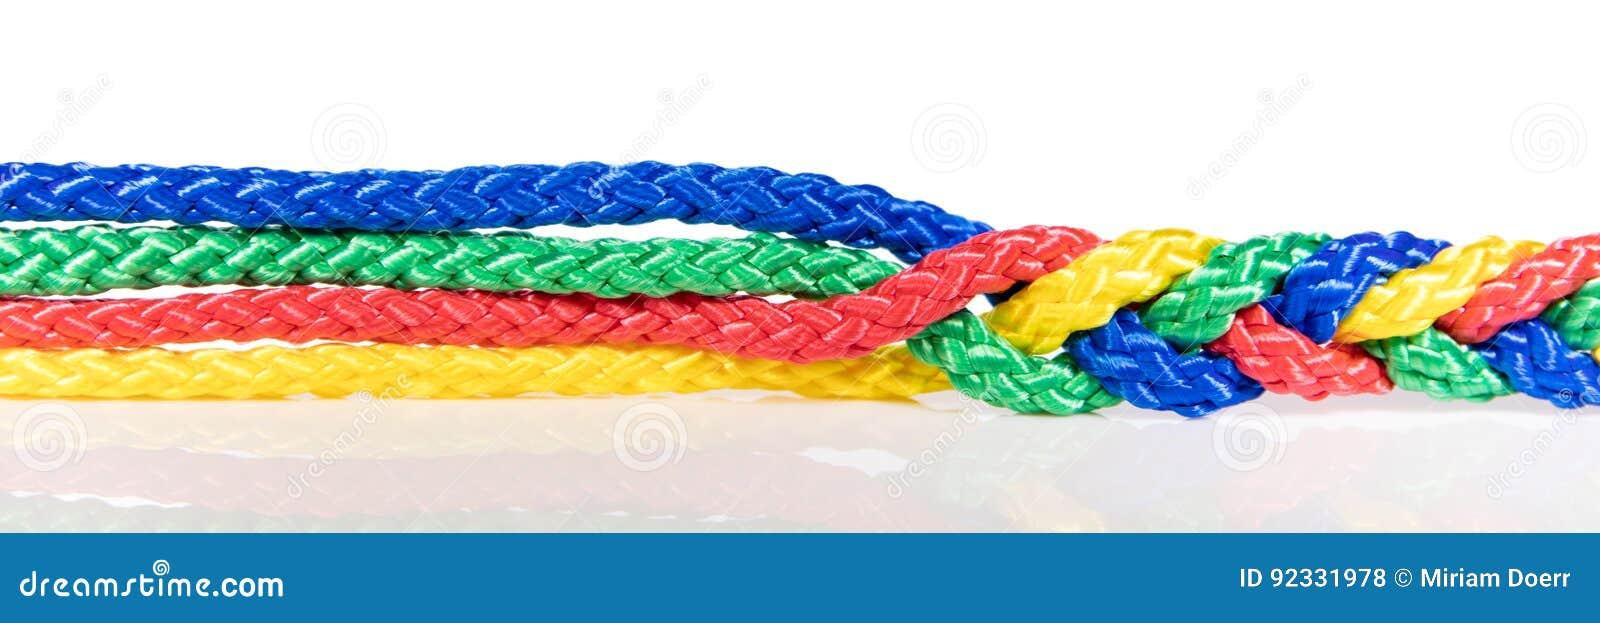 Het panorama, wordt kleurrijke kabels verbonden, samenwerking en samenhang